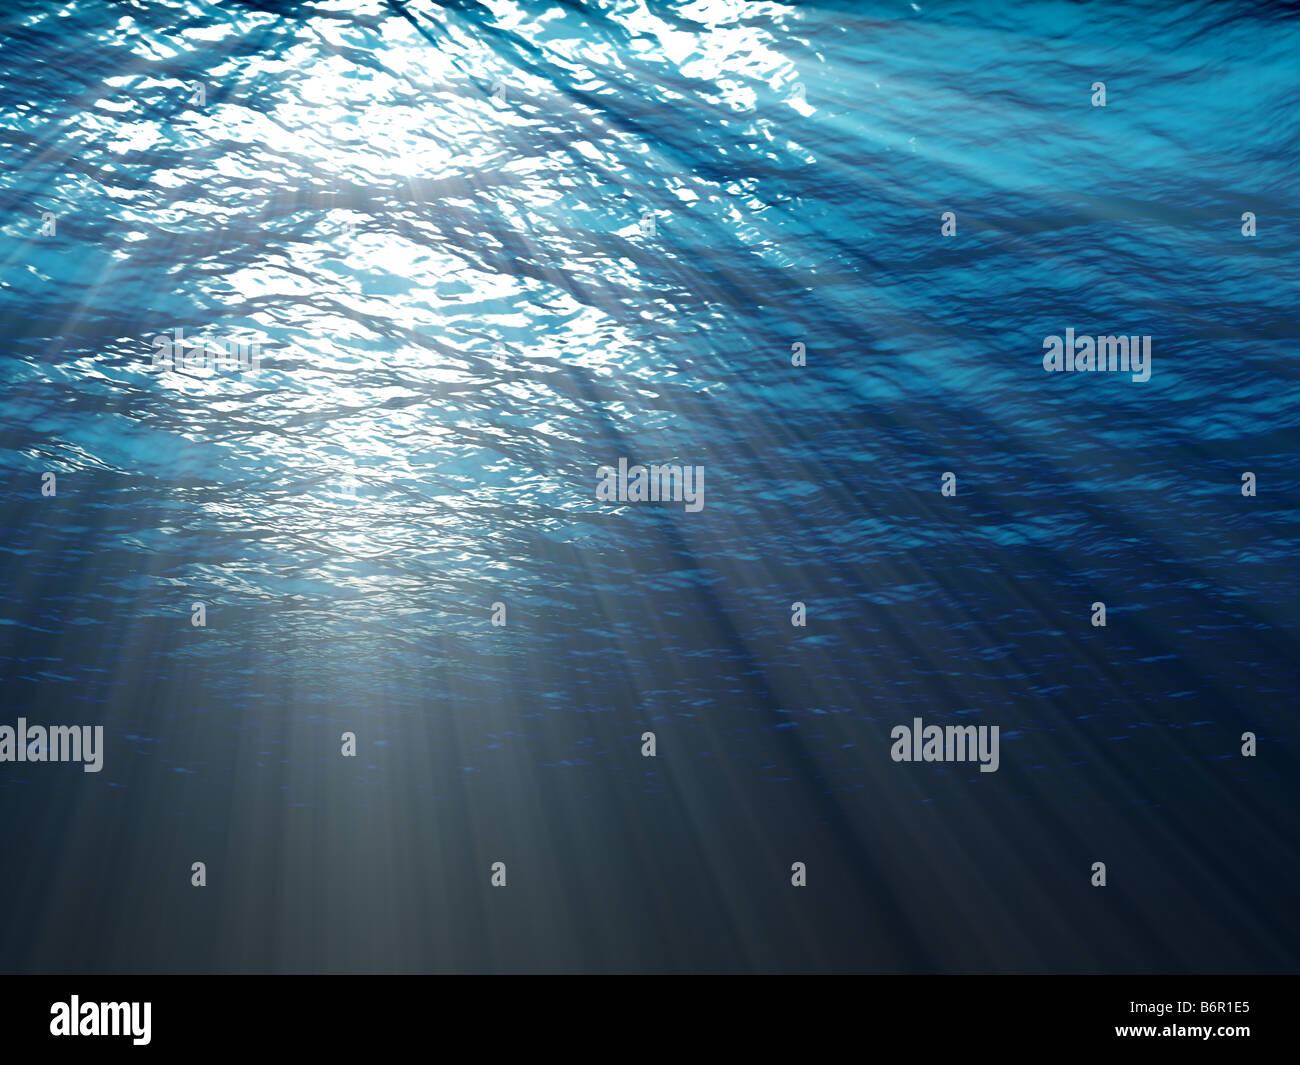 Una escena submarina con rayos de sol brilla a través del agua Imagen De Stock